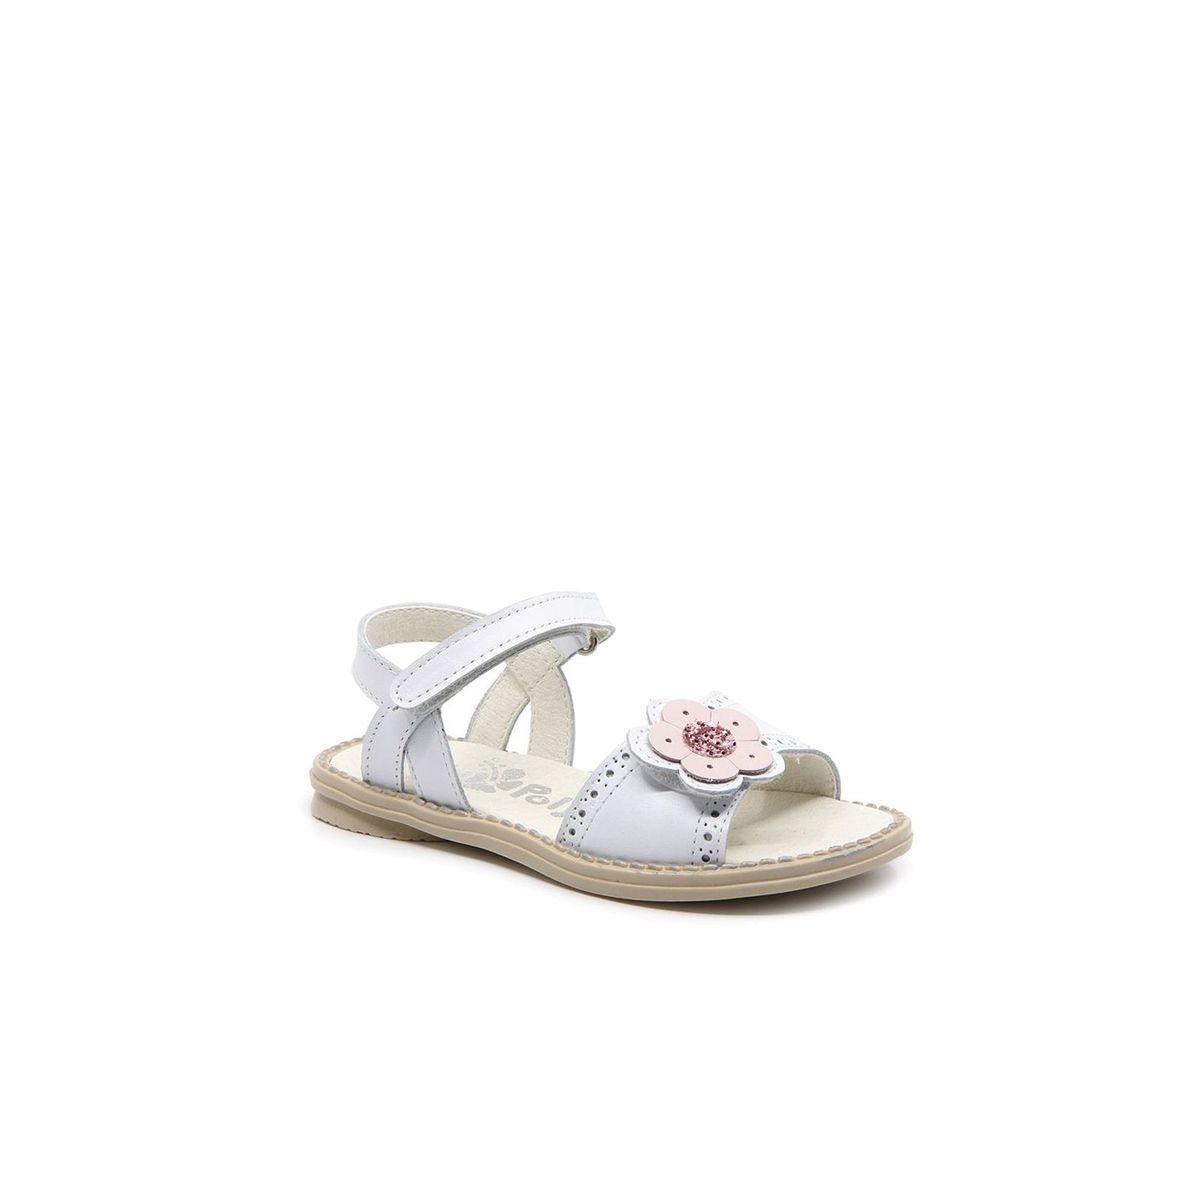 sandales ouvertes semelles souples LADY CEREMONIE